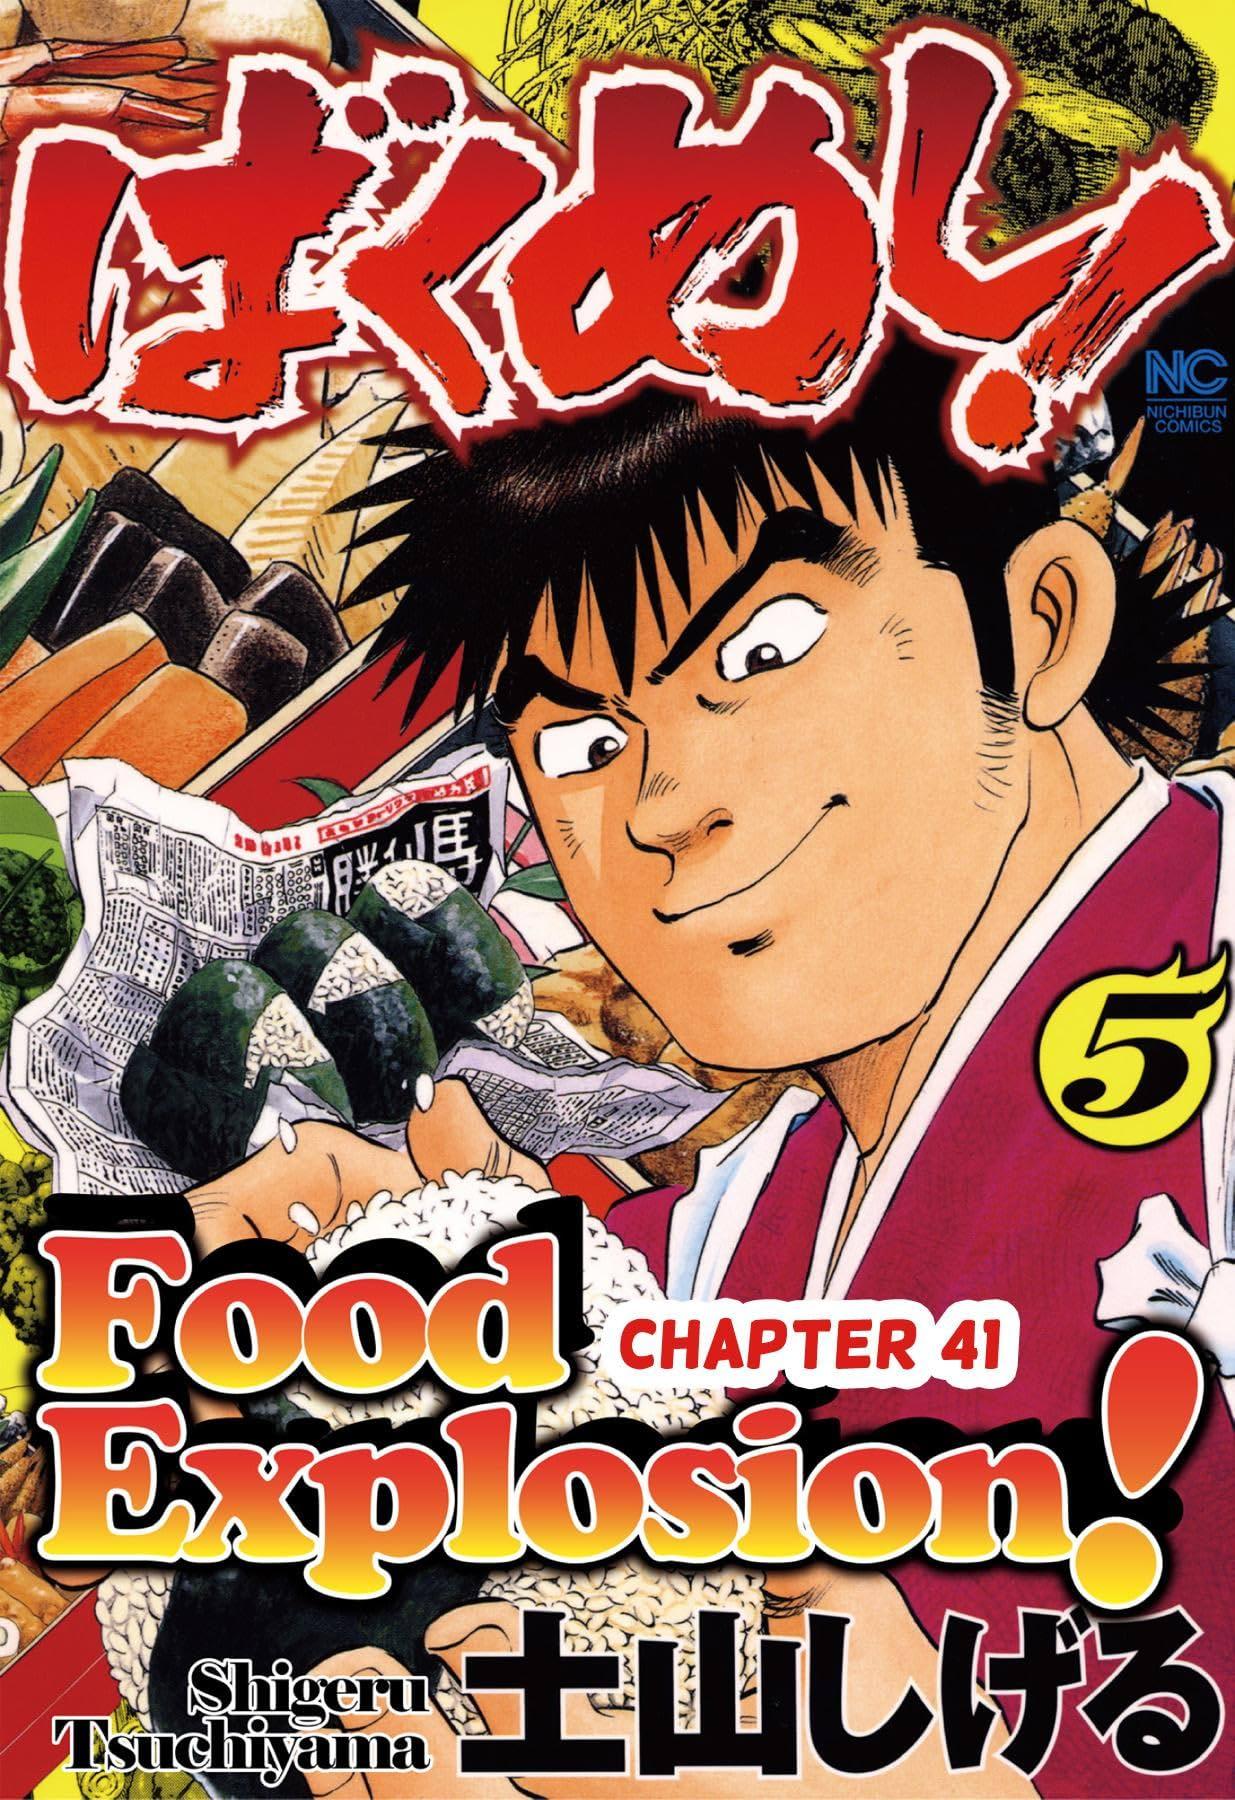 FOOD EXPLOSION #41